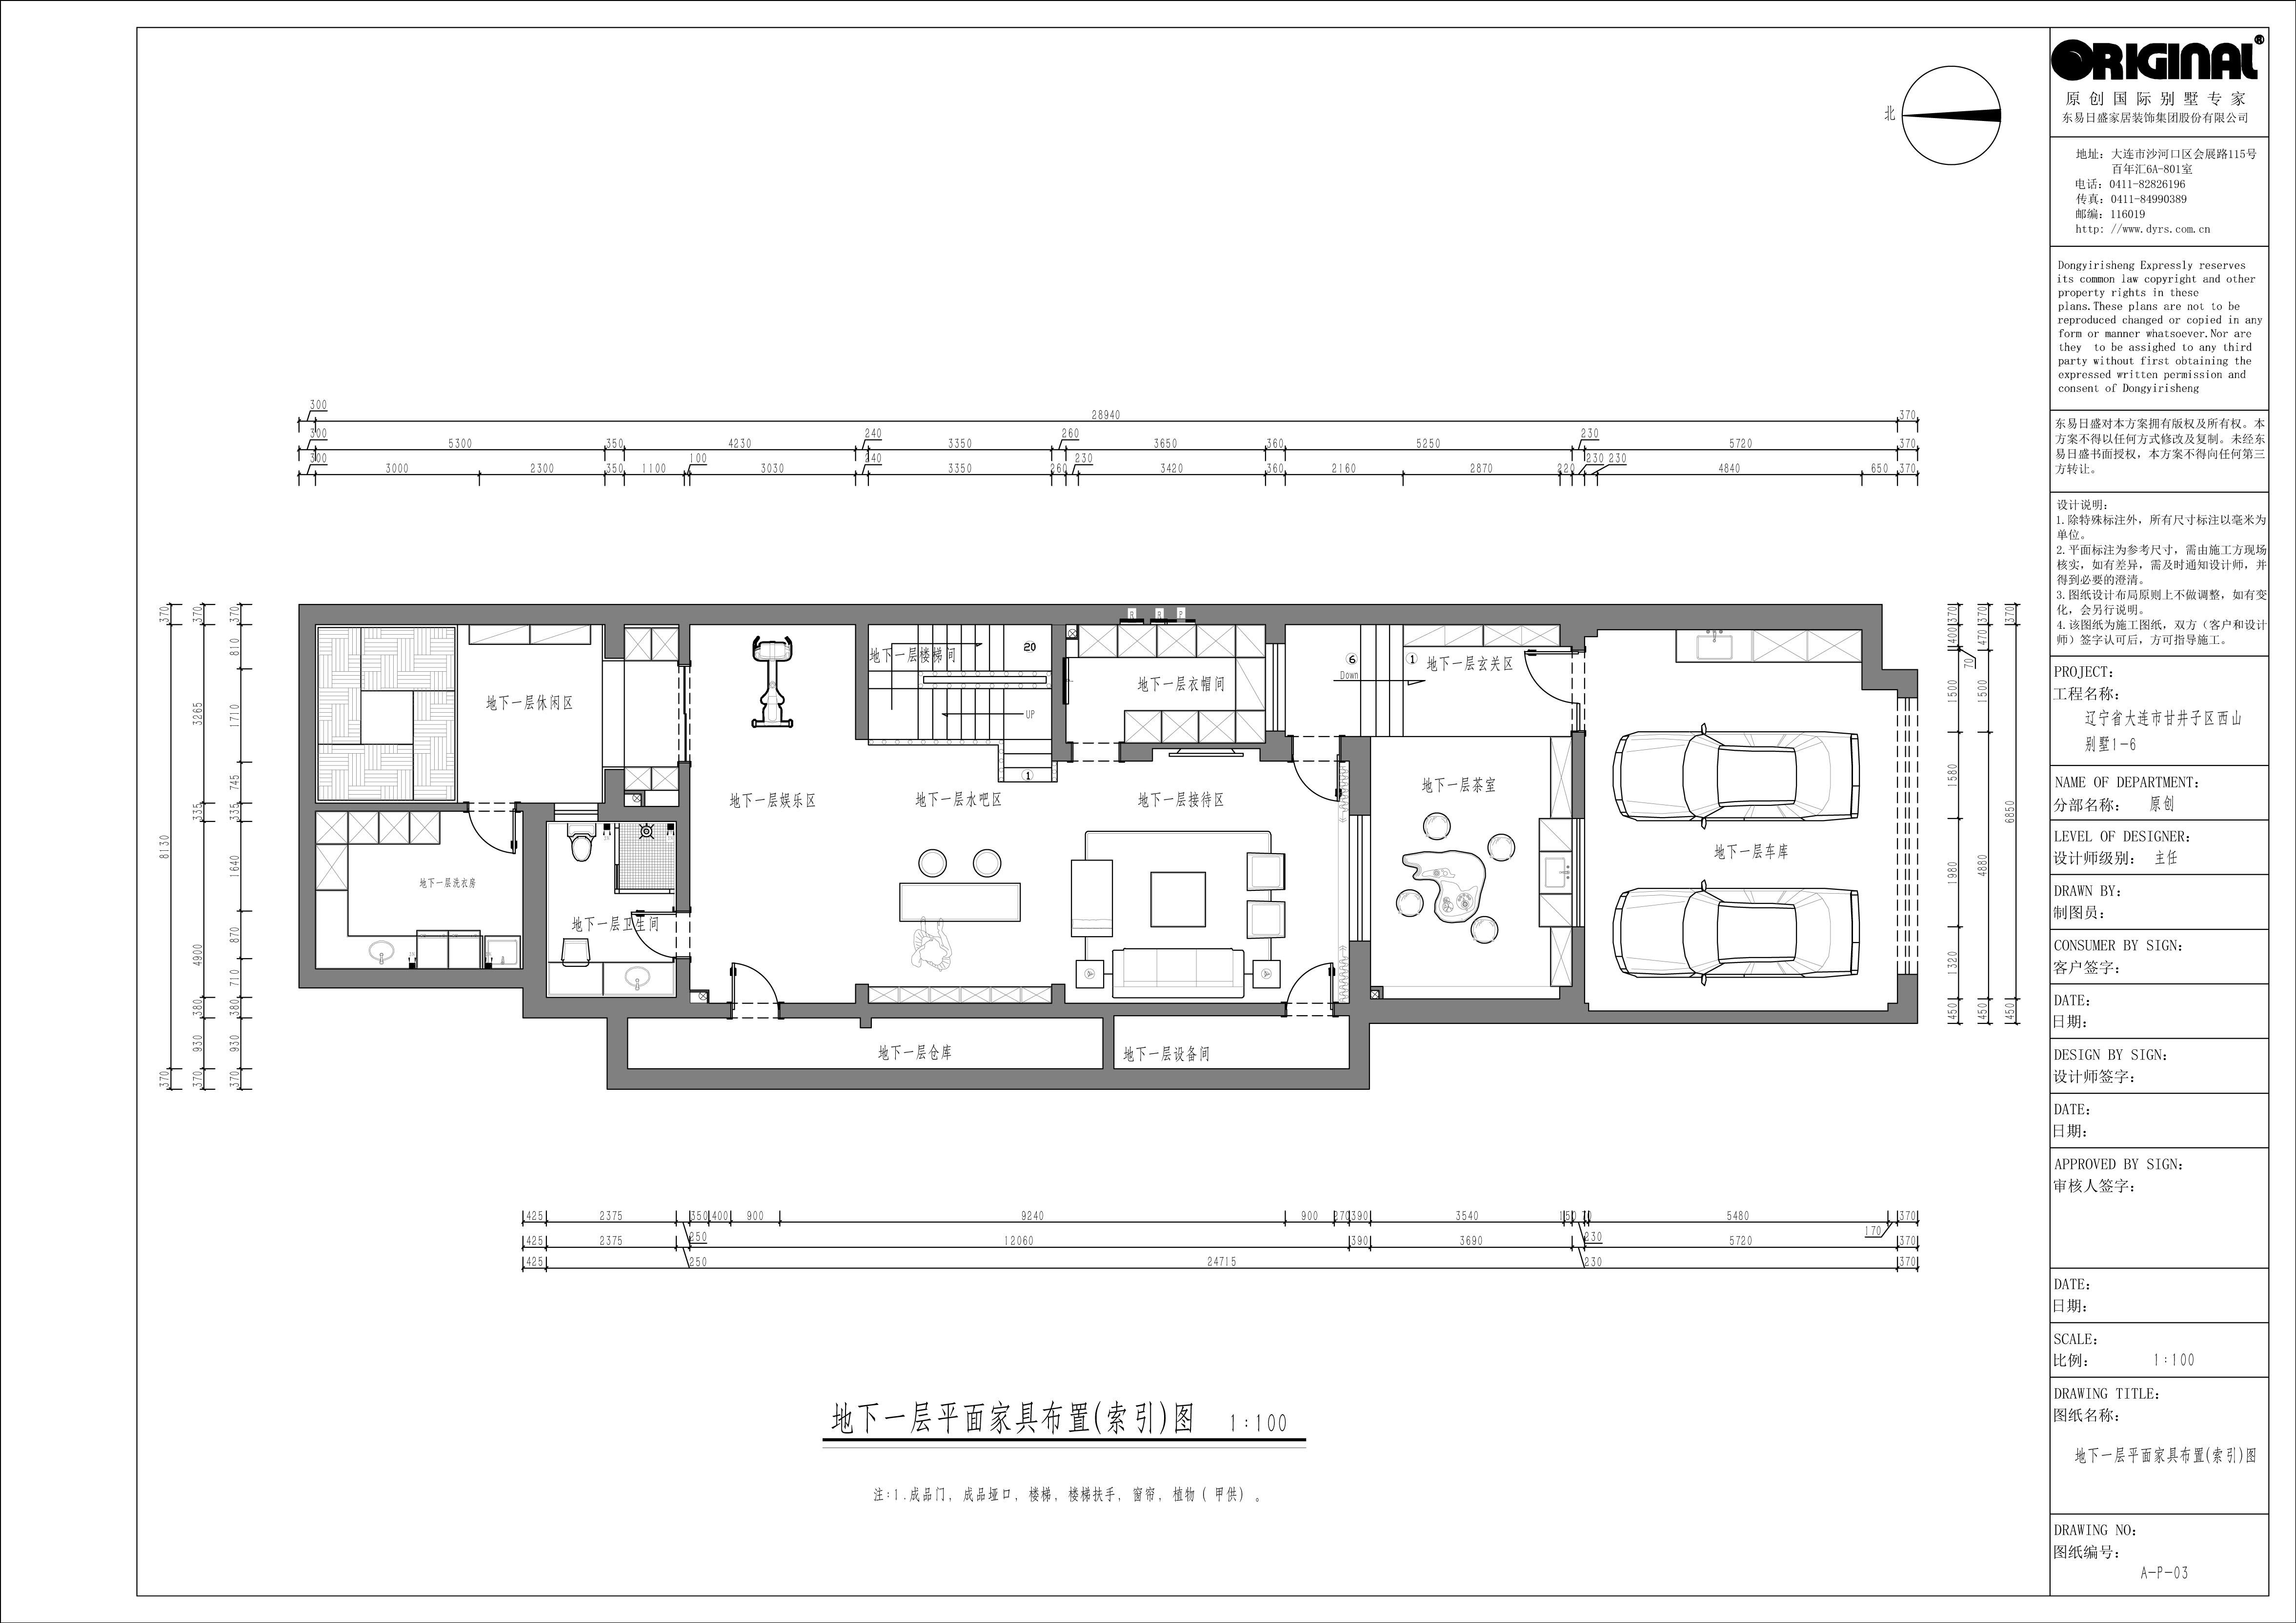 万科钦州户型-美式-450平-东易日盛西山装修效果碧桂园大连别墅别墅图图片